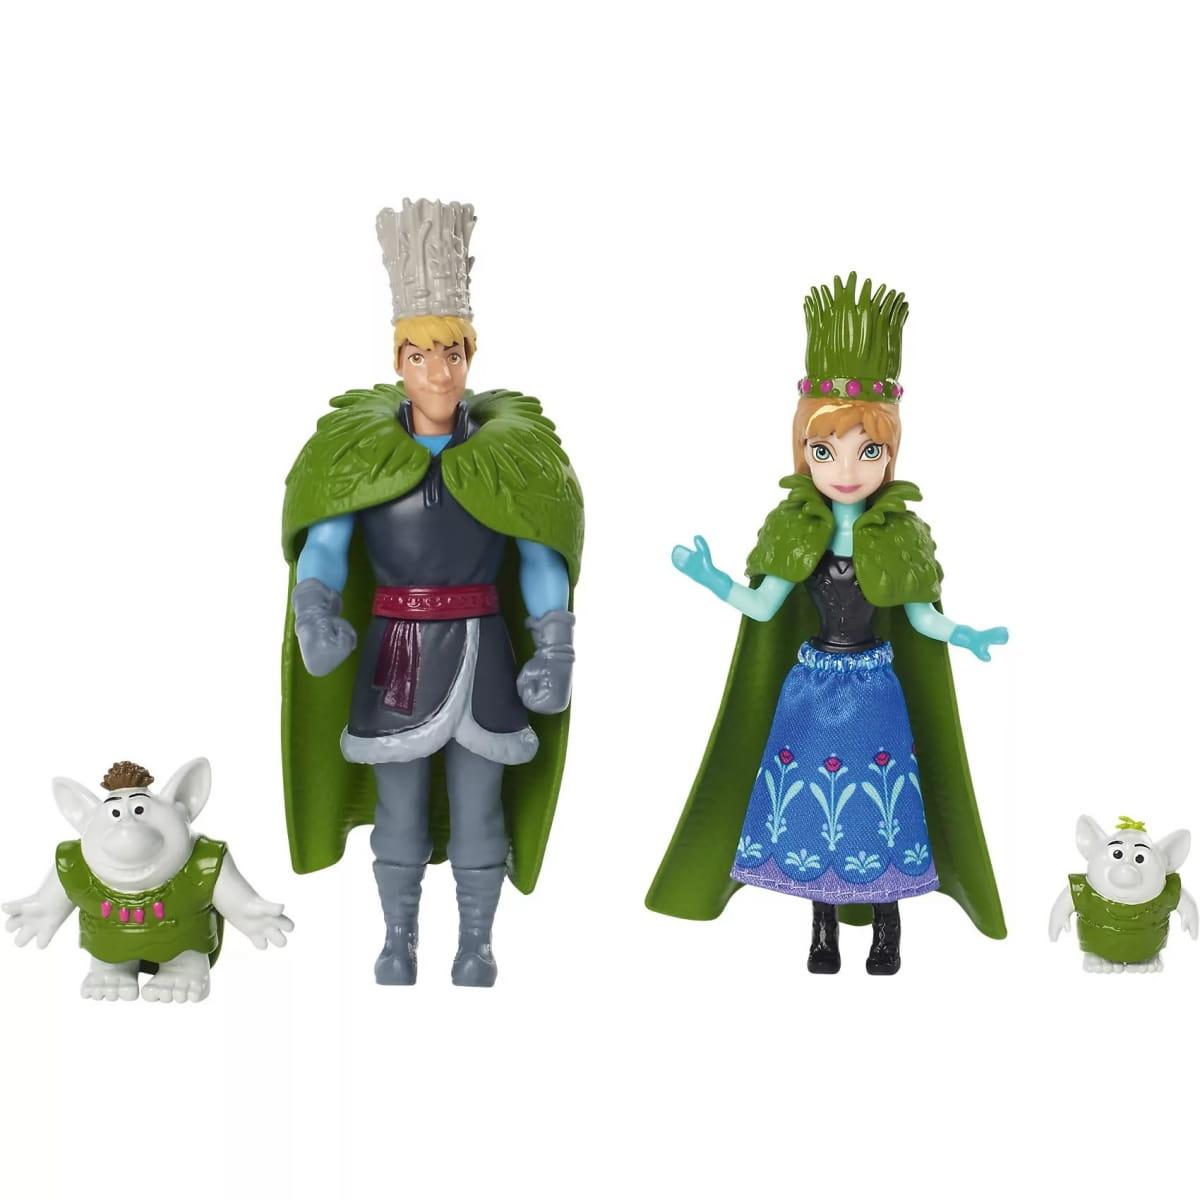 Игровой набор Disney Princess DFR79 Холодное сердце Анна и Кристоф с троллями (Mattel)